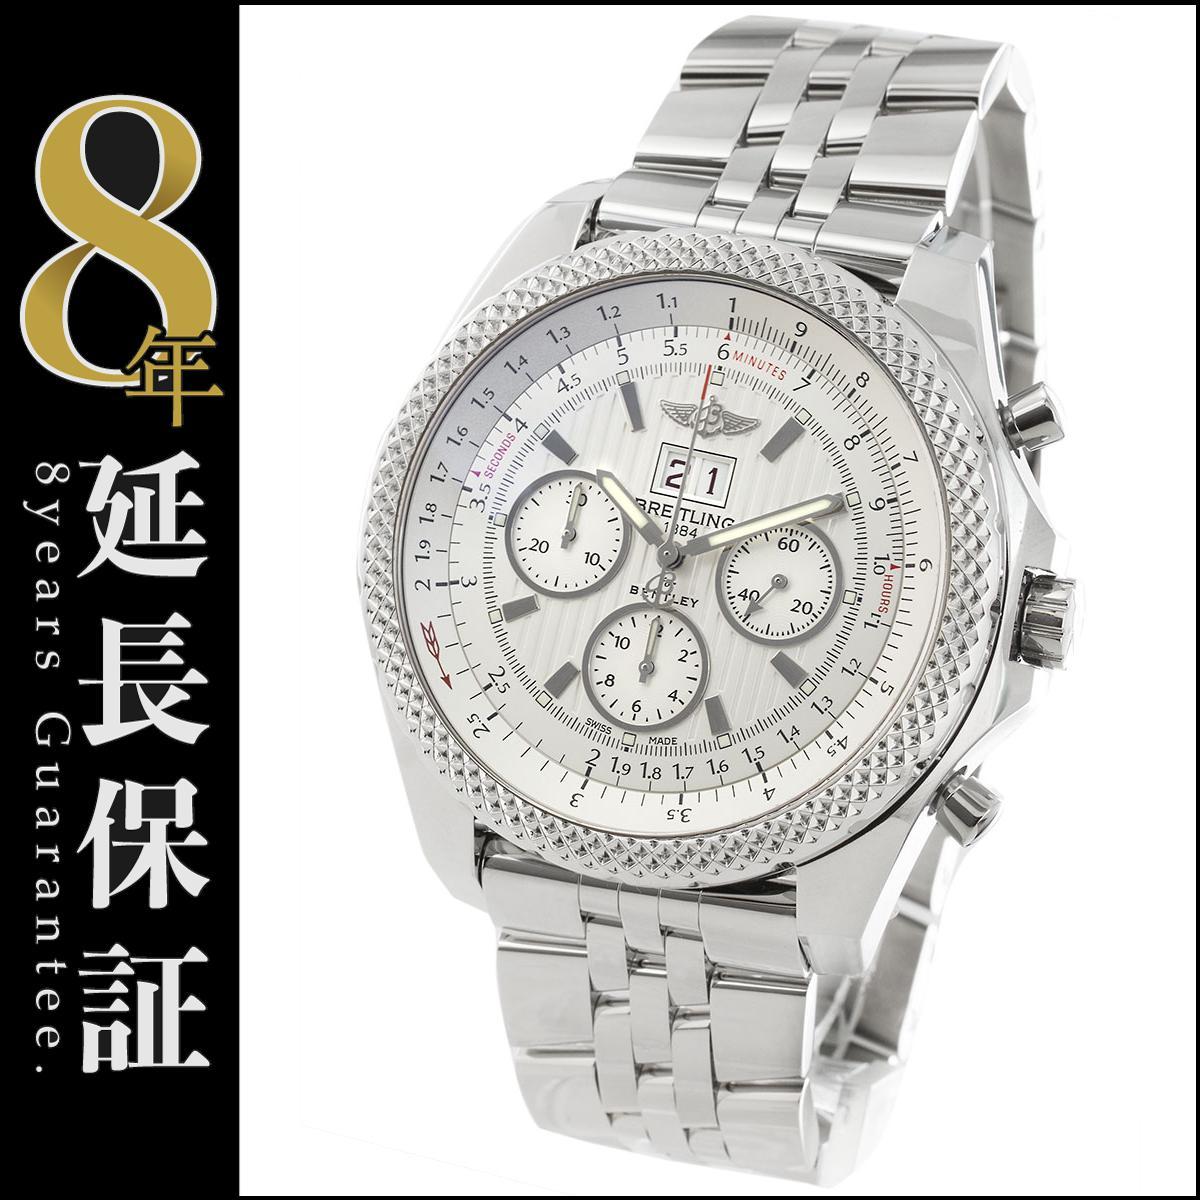 ブライトリング ベントレー 6.75 クロノグラフ 腕時計 メンズ BREITLING A4436412/G814_8